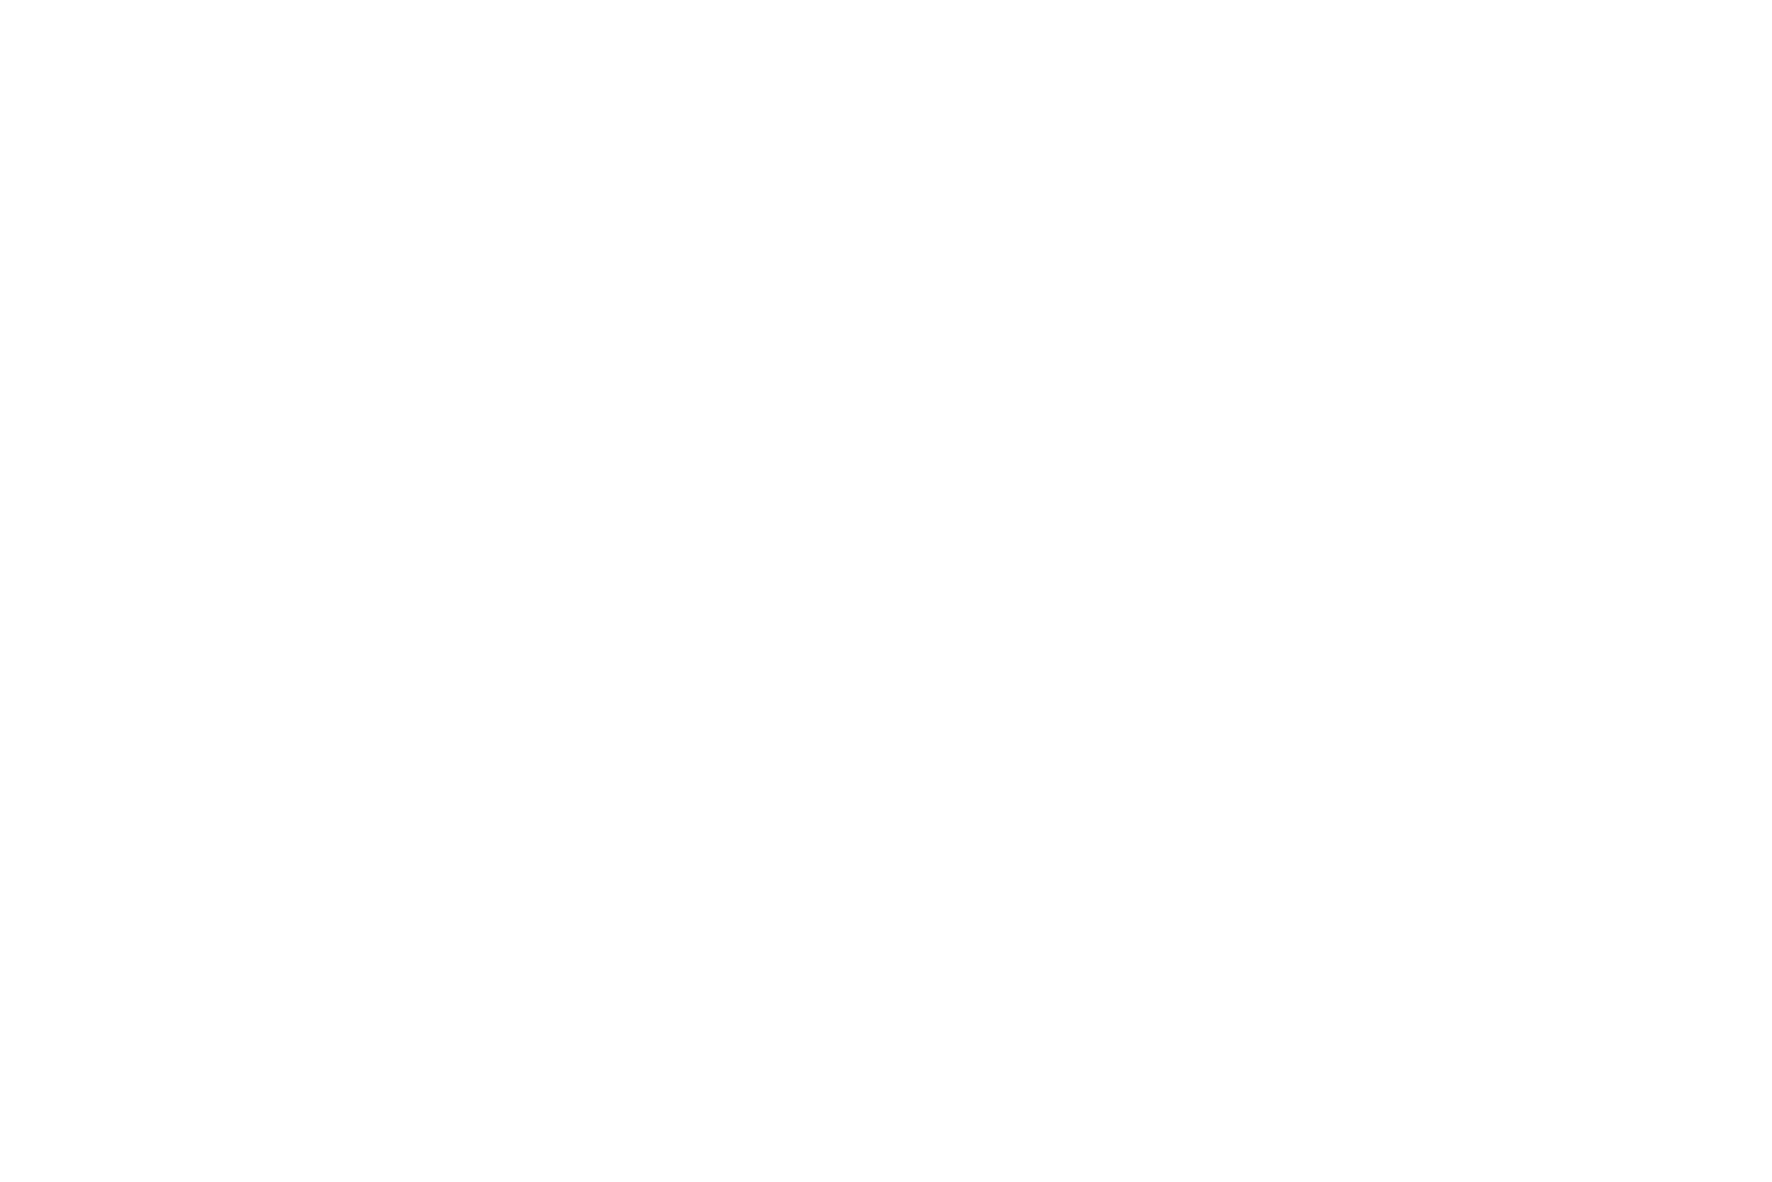 Municipalidad de Copiapó